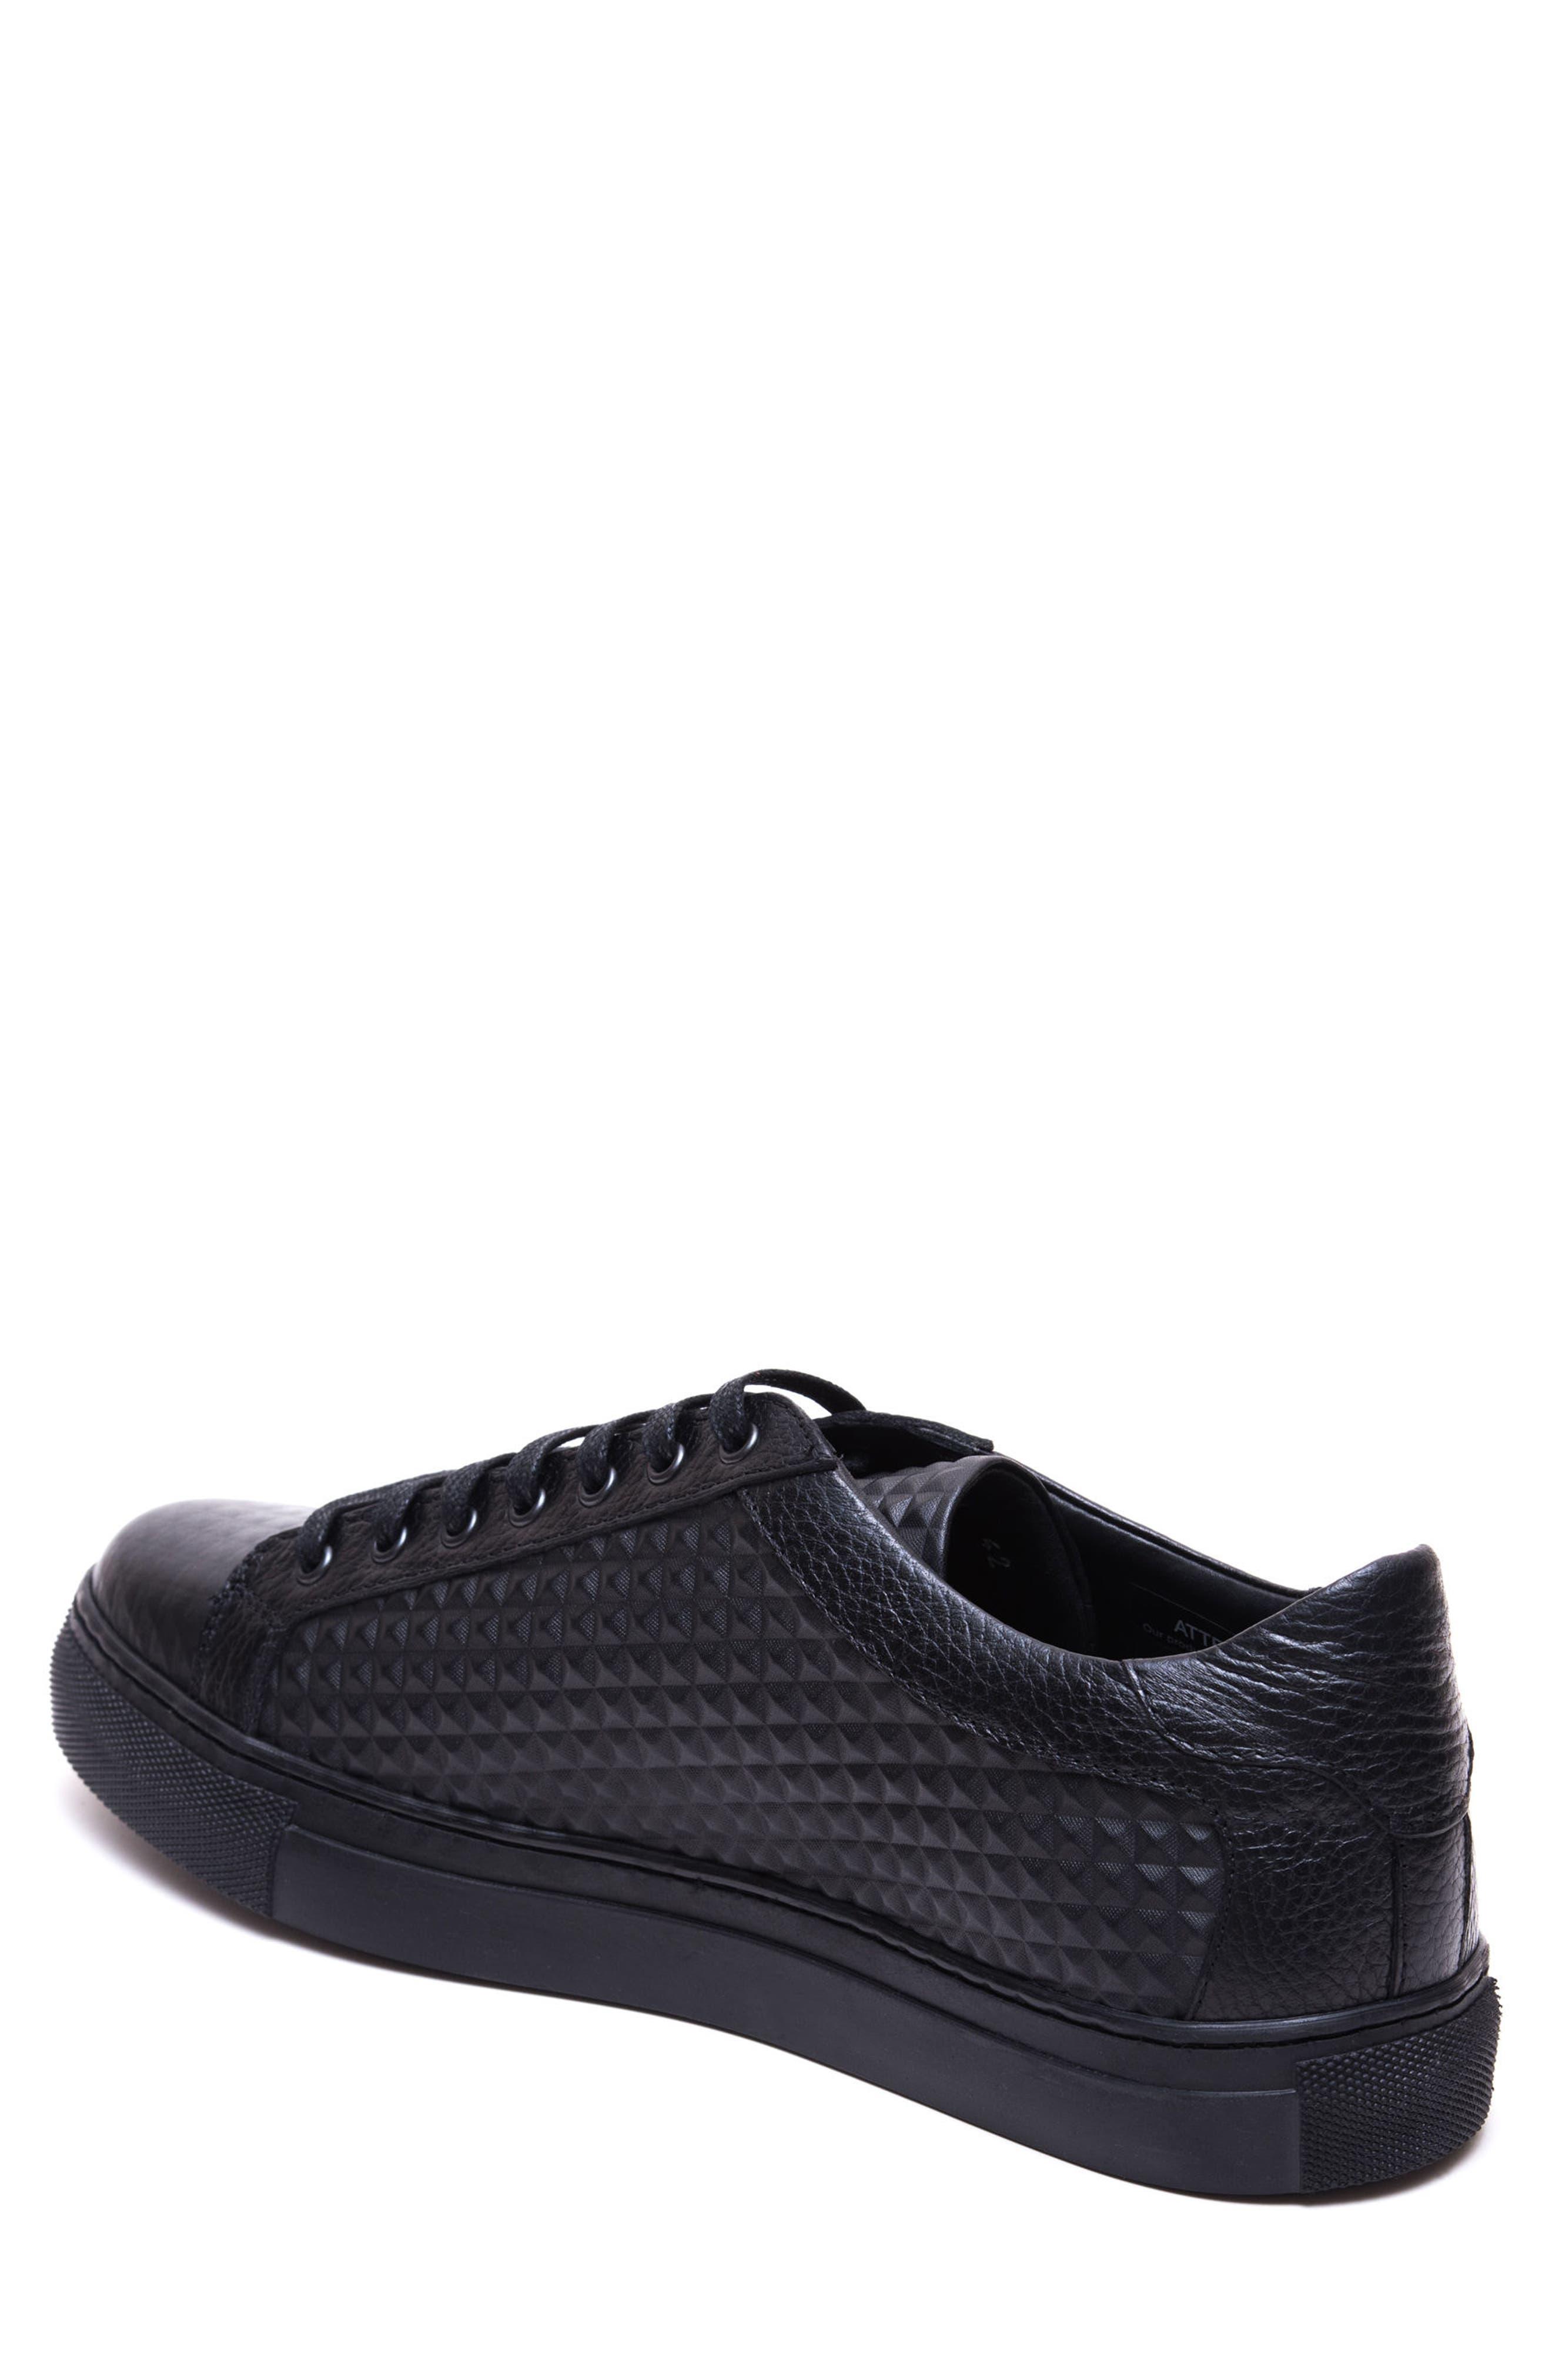 Scott Leather Sneaker,                             Alternate thumbnail 3, color,